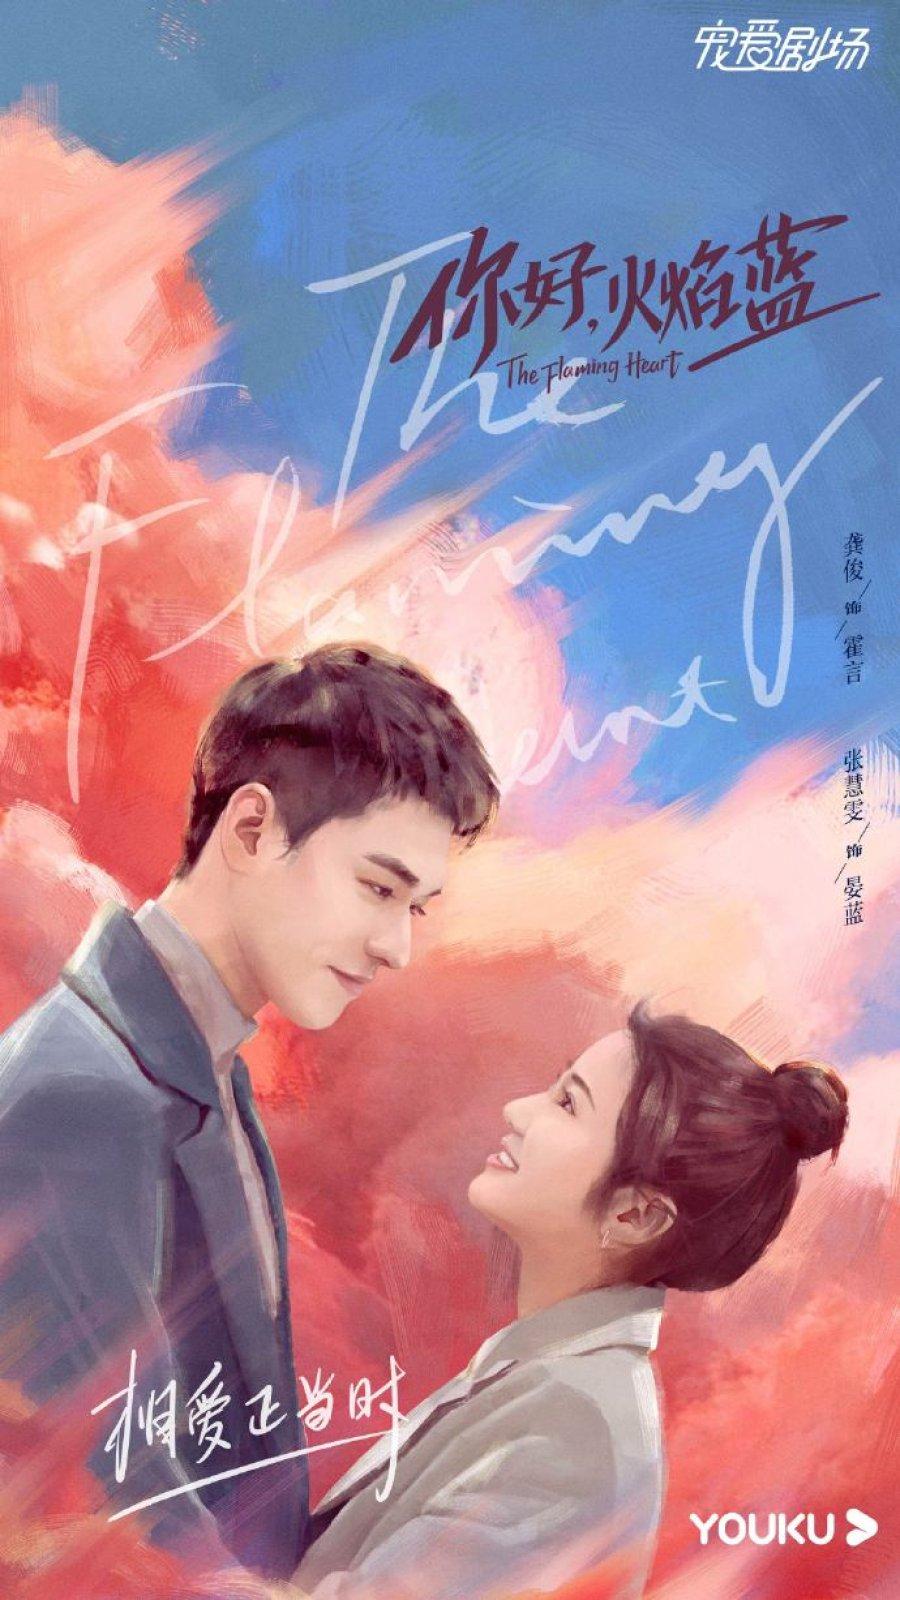 The Flaming Heart (2021) / 你好,火焰蓝